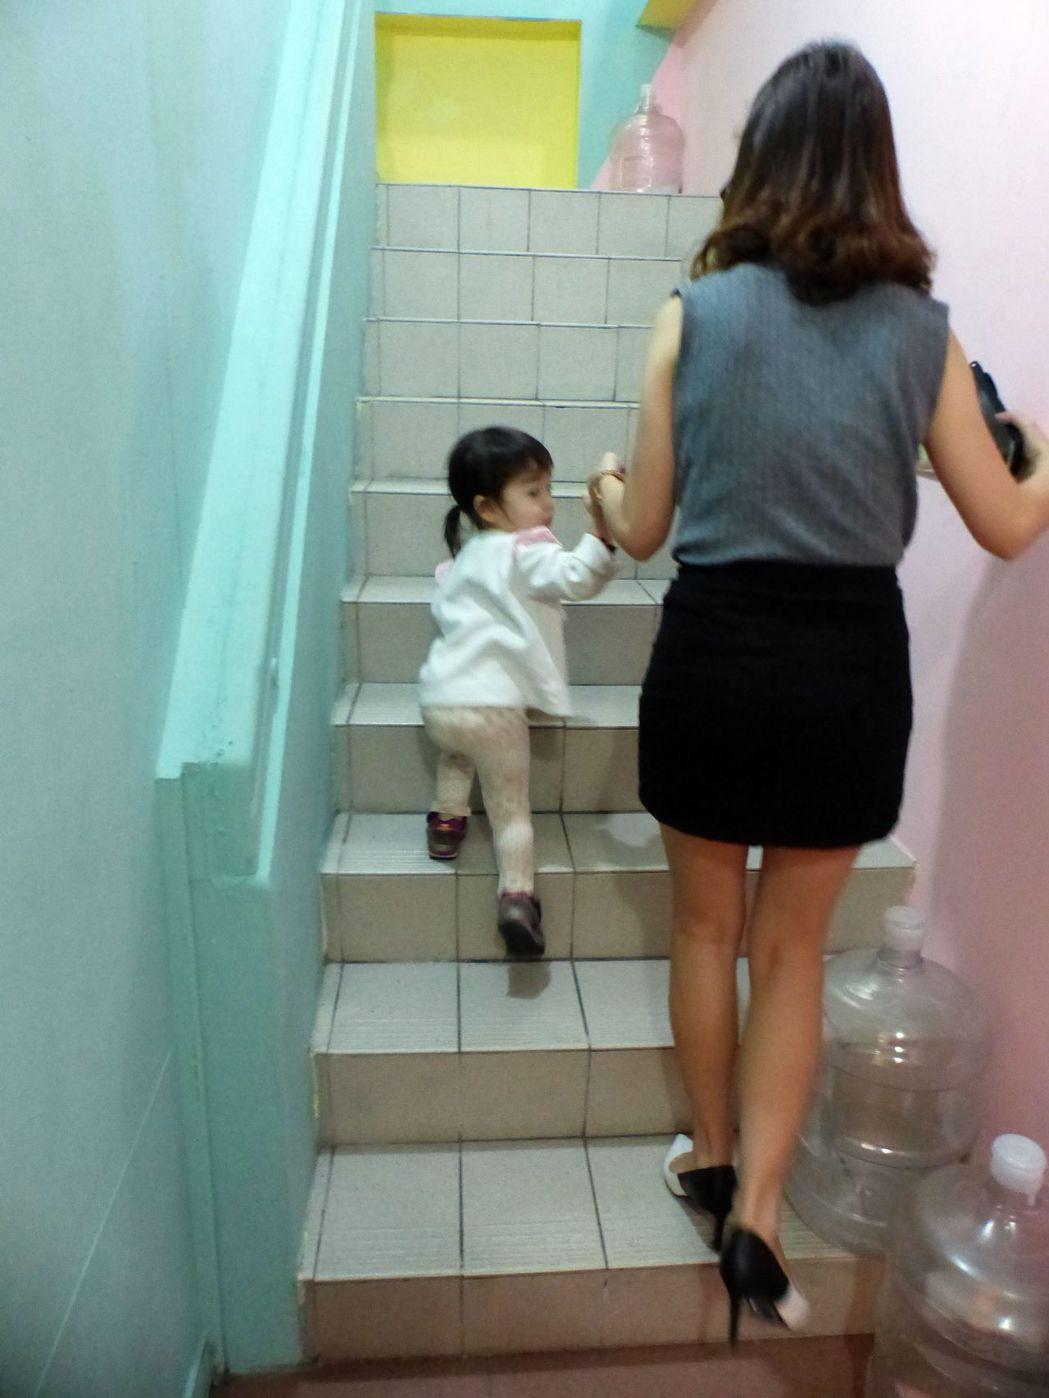 簡文仁建議,女性懷孕期間至產後數月到半年,建議別過度使用膝蓋,像是爬樓梯、爬山、...